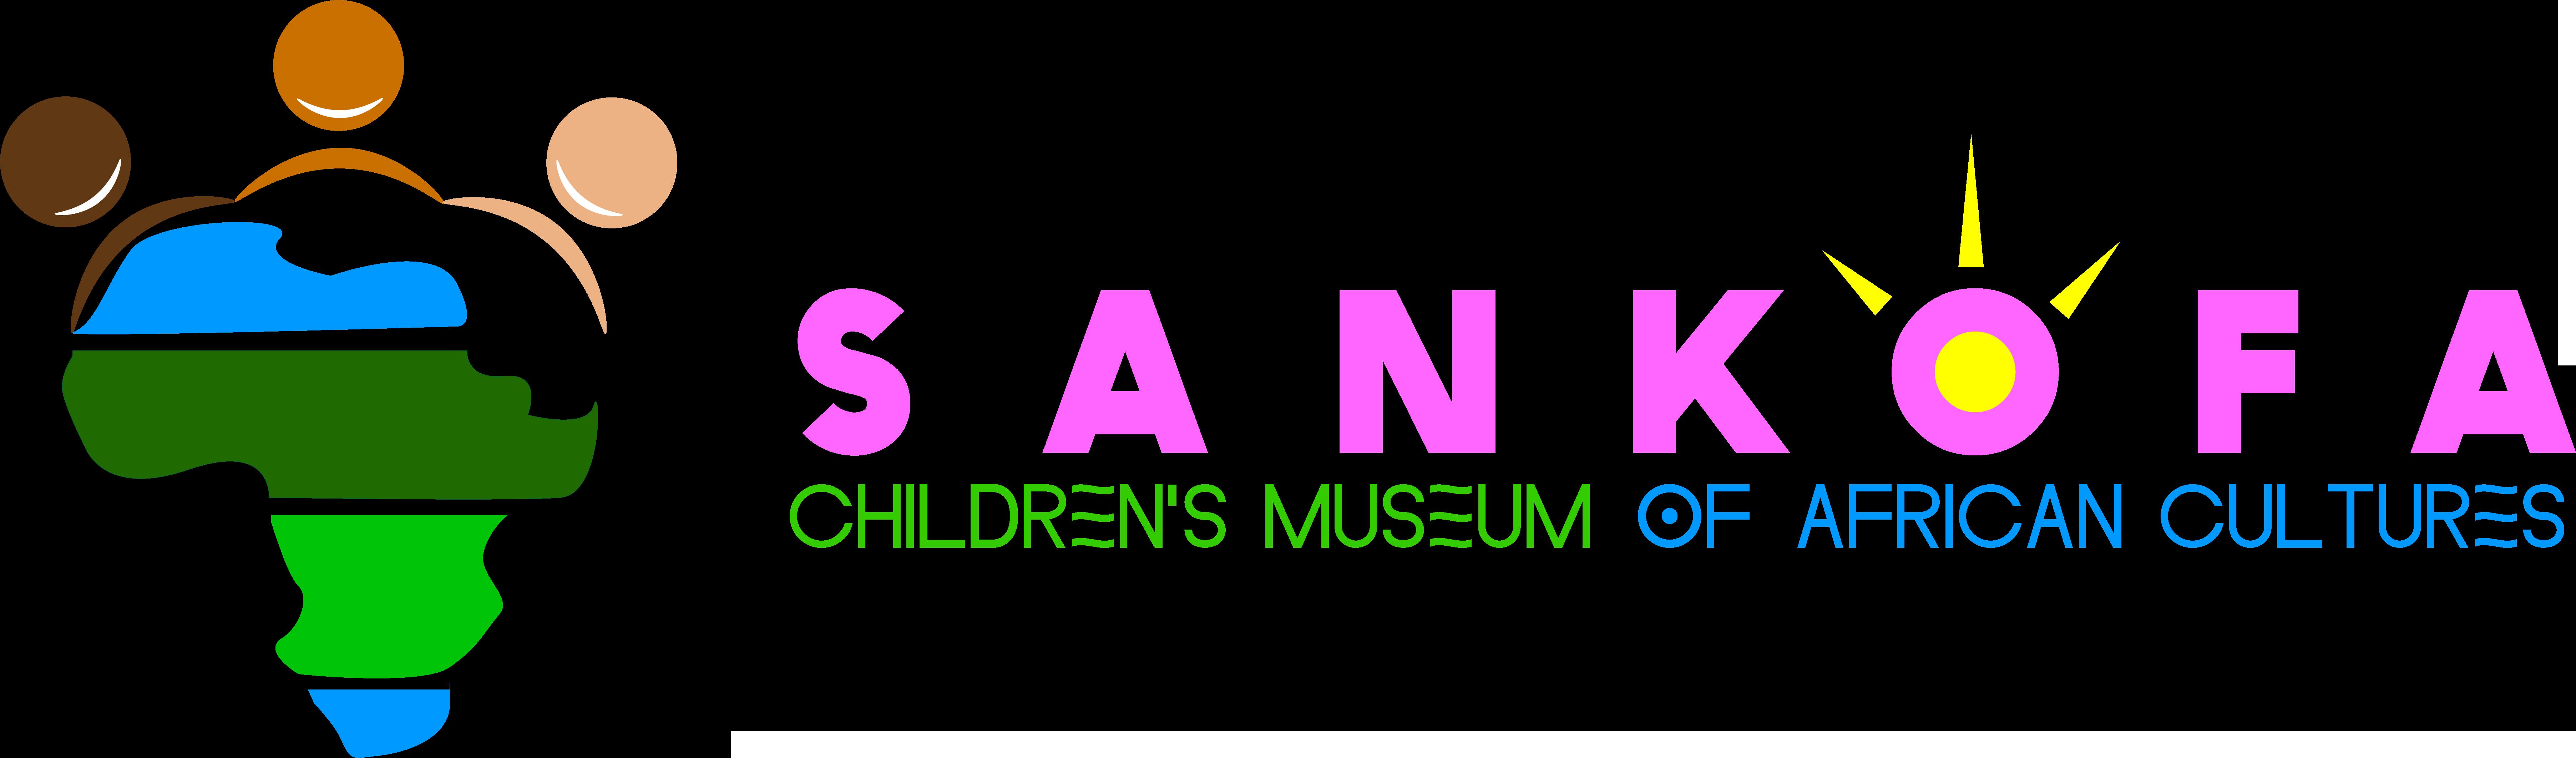 Sankofa Children's Museum